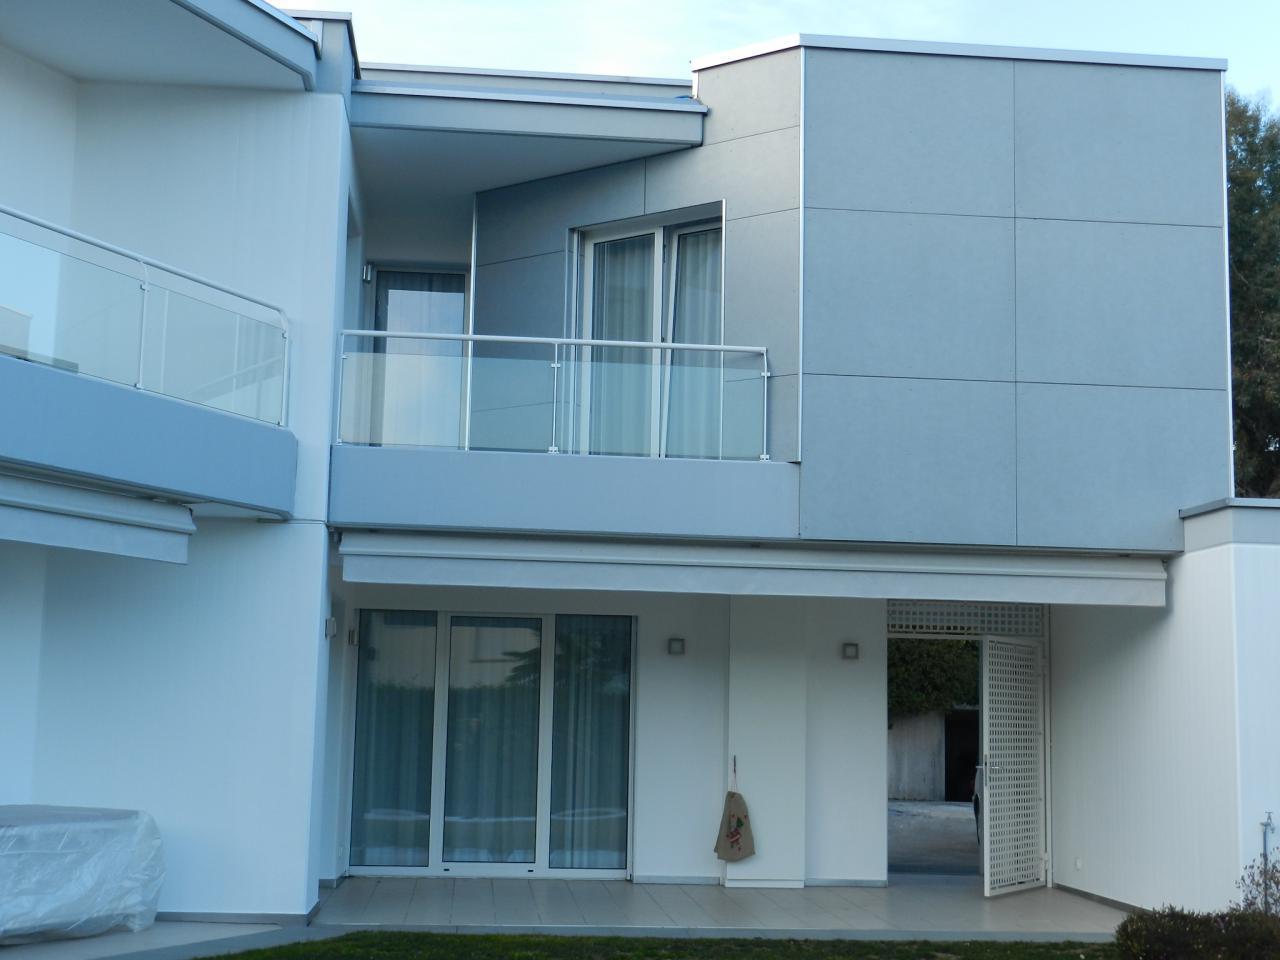 Ampliamento in casa unifamiliare a breganzona architetto - Ampliamento casa ...